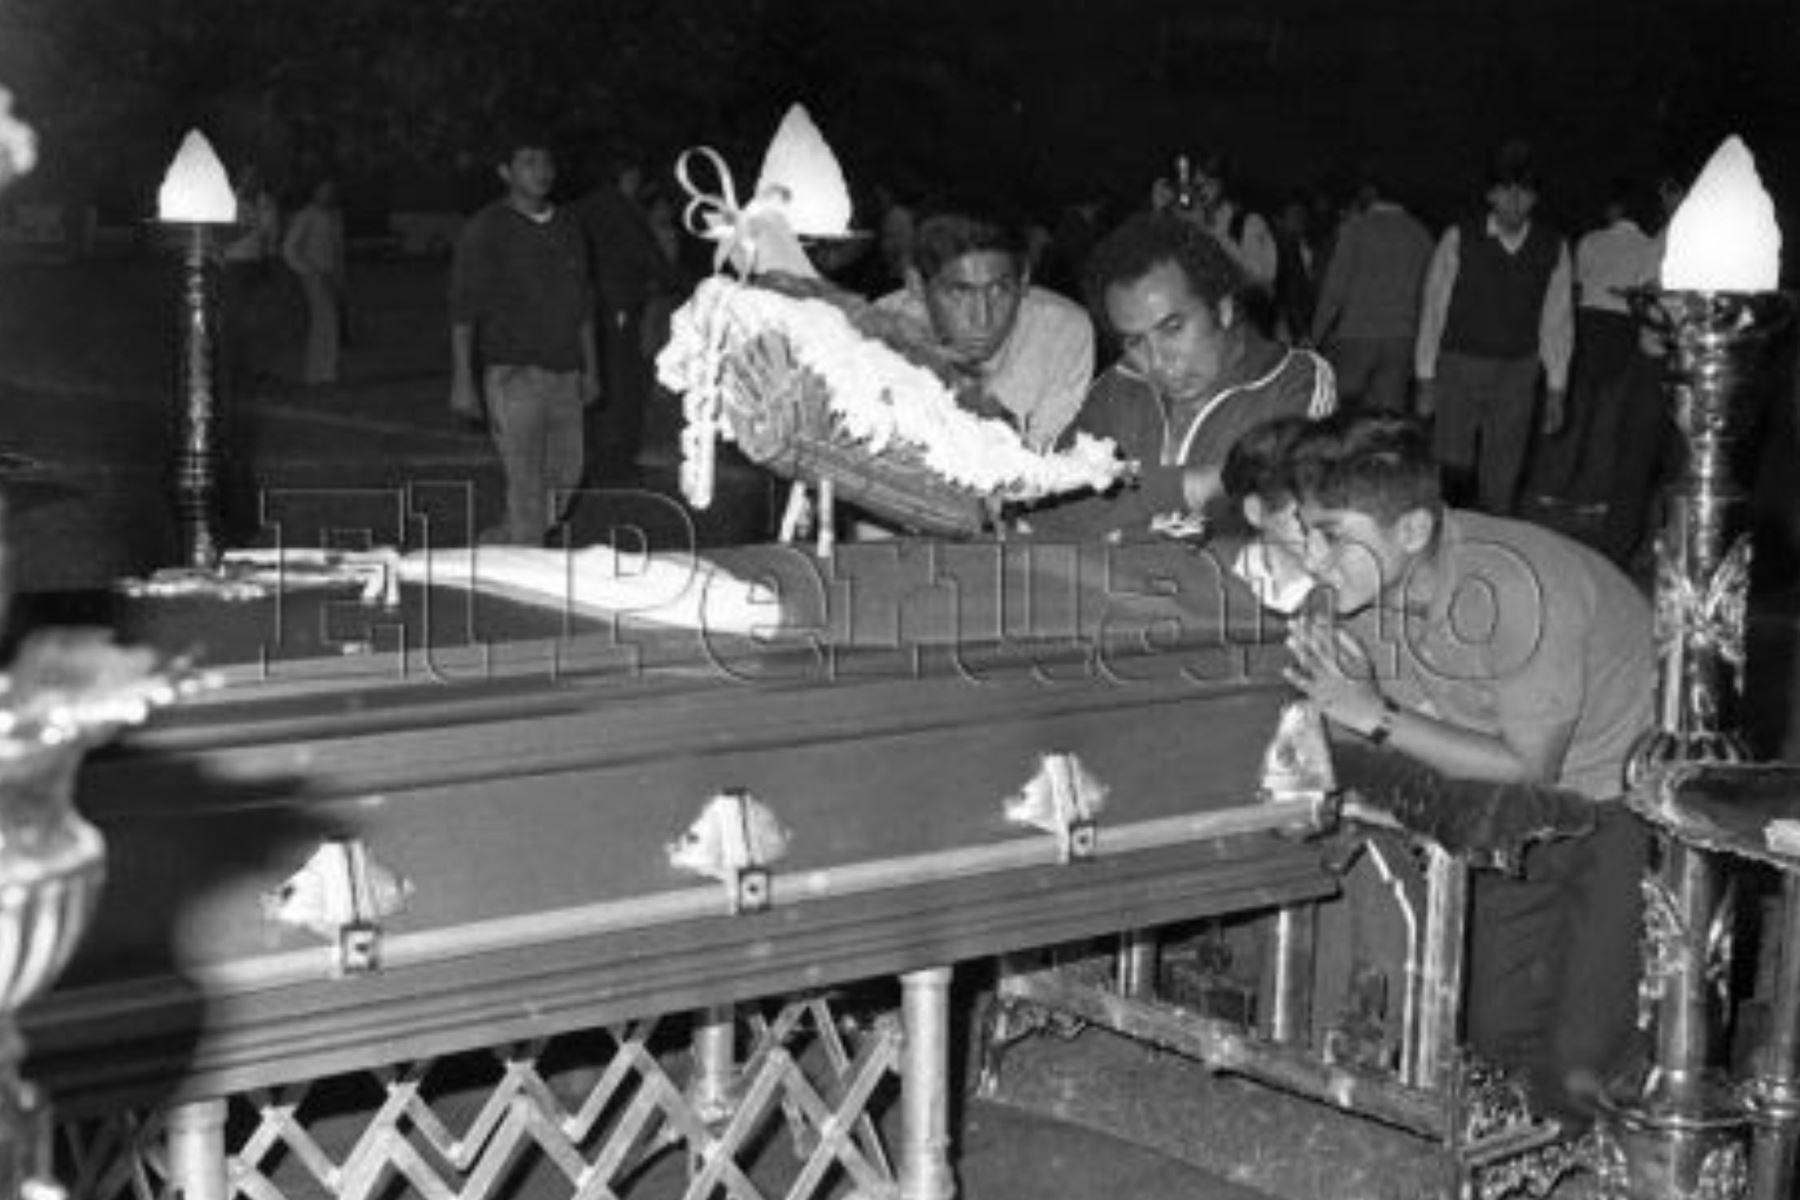 Callao - 9 diciembre 1987 / Hinchas dan el ultimo adiós  a jugadores de Alianza Lima, quienes fallecieron tras la caída del avión Fokker en el mar de Ventanilla. Foto: ARCHIVO HISTORICO DE EL PERUANO